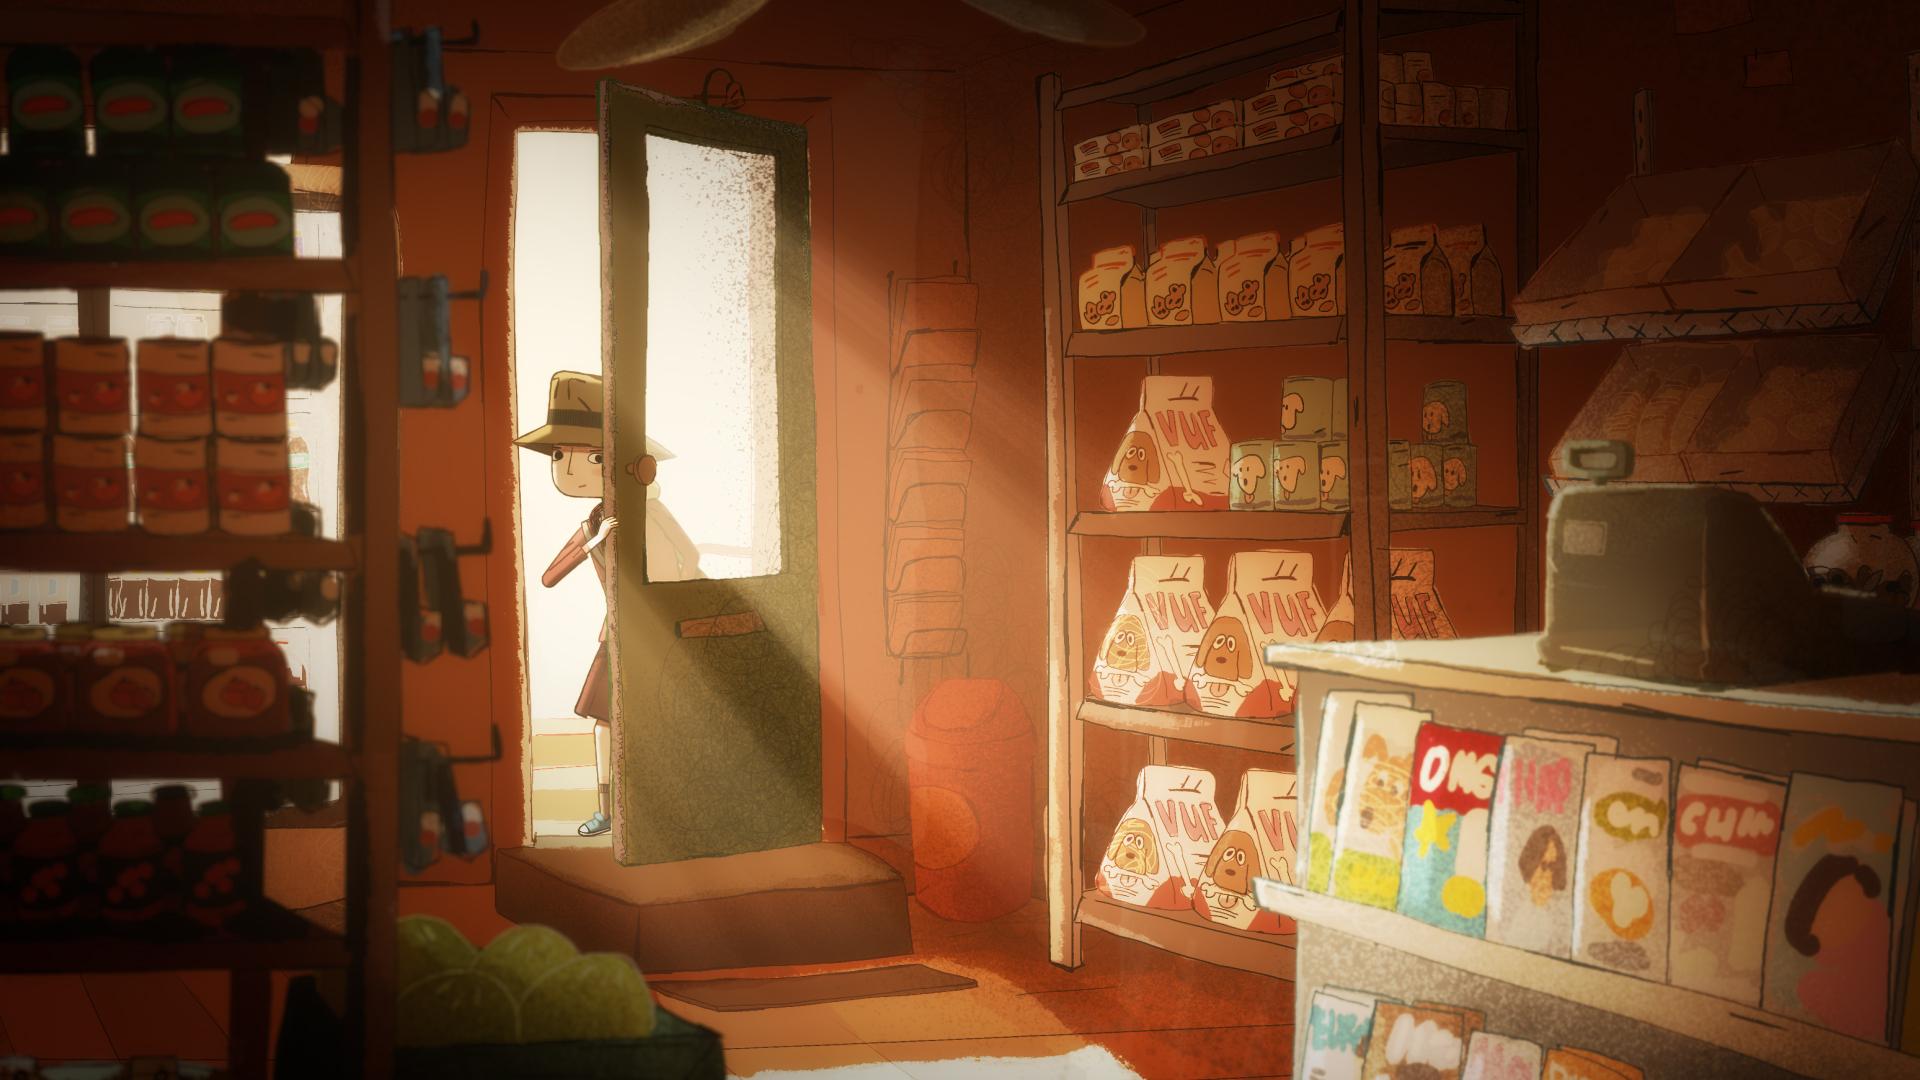 pentru parinti: platforma de streaming animest ofera filme de animatie pentru cei mici Pentru parinti: Platforma de streaming Animest ofera filme de animatie pentru cei mici next door spy1